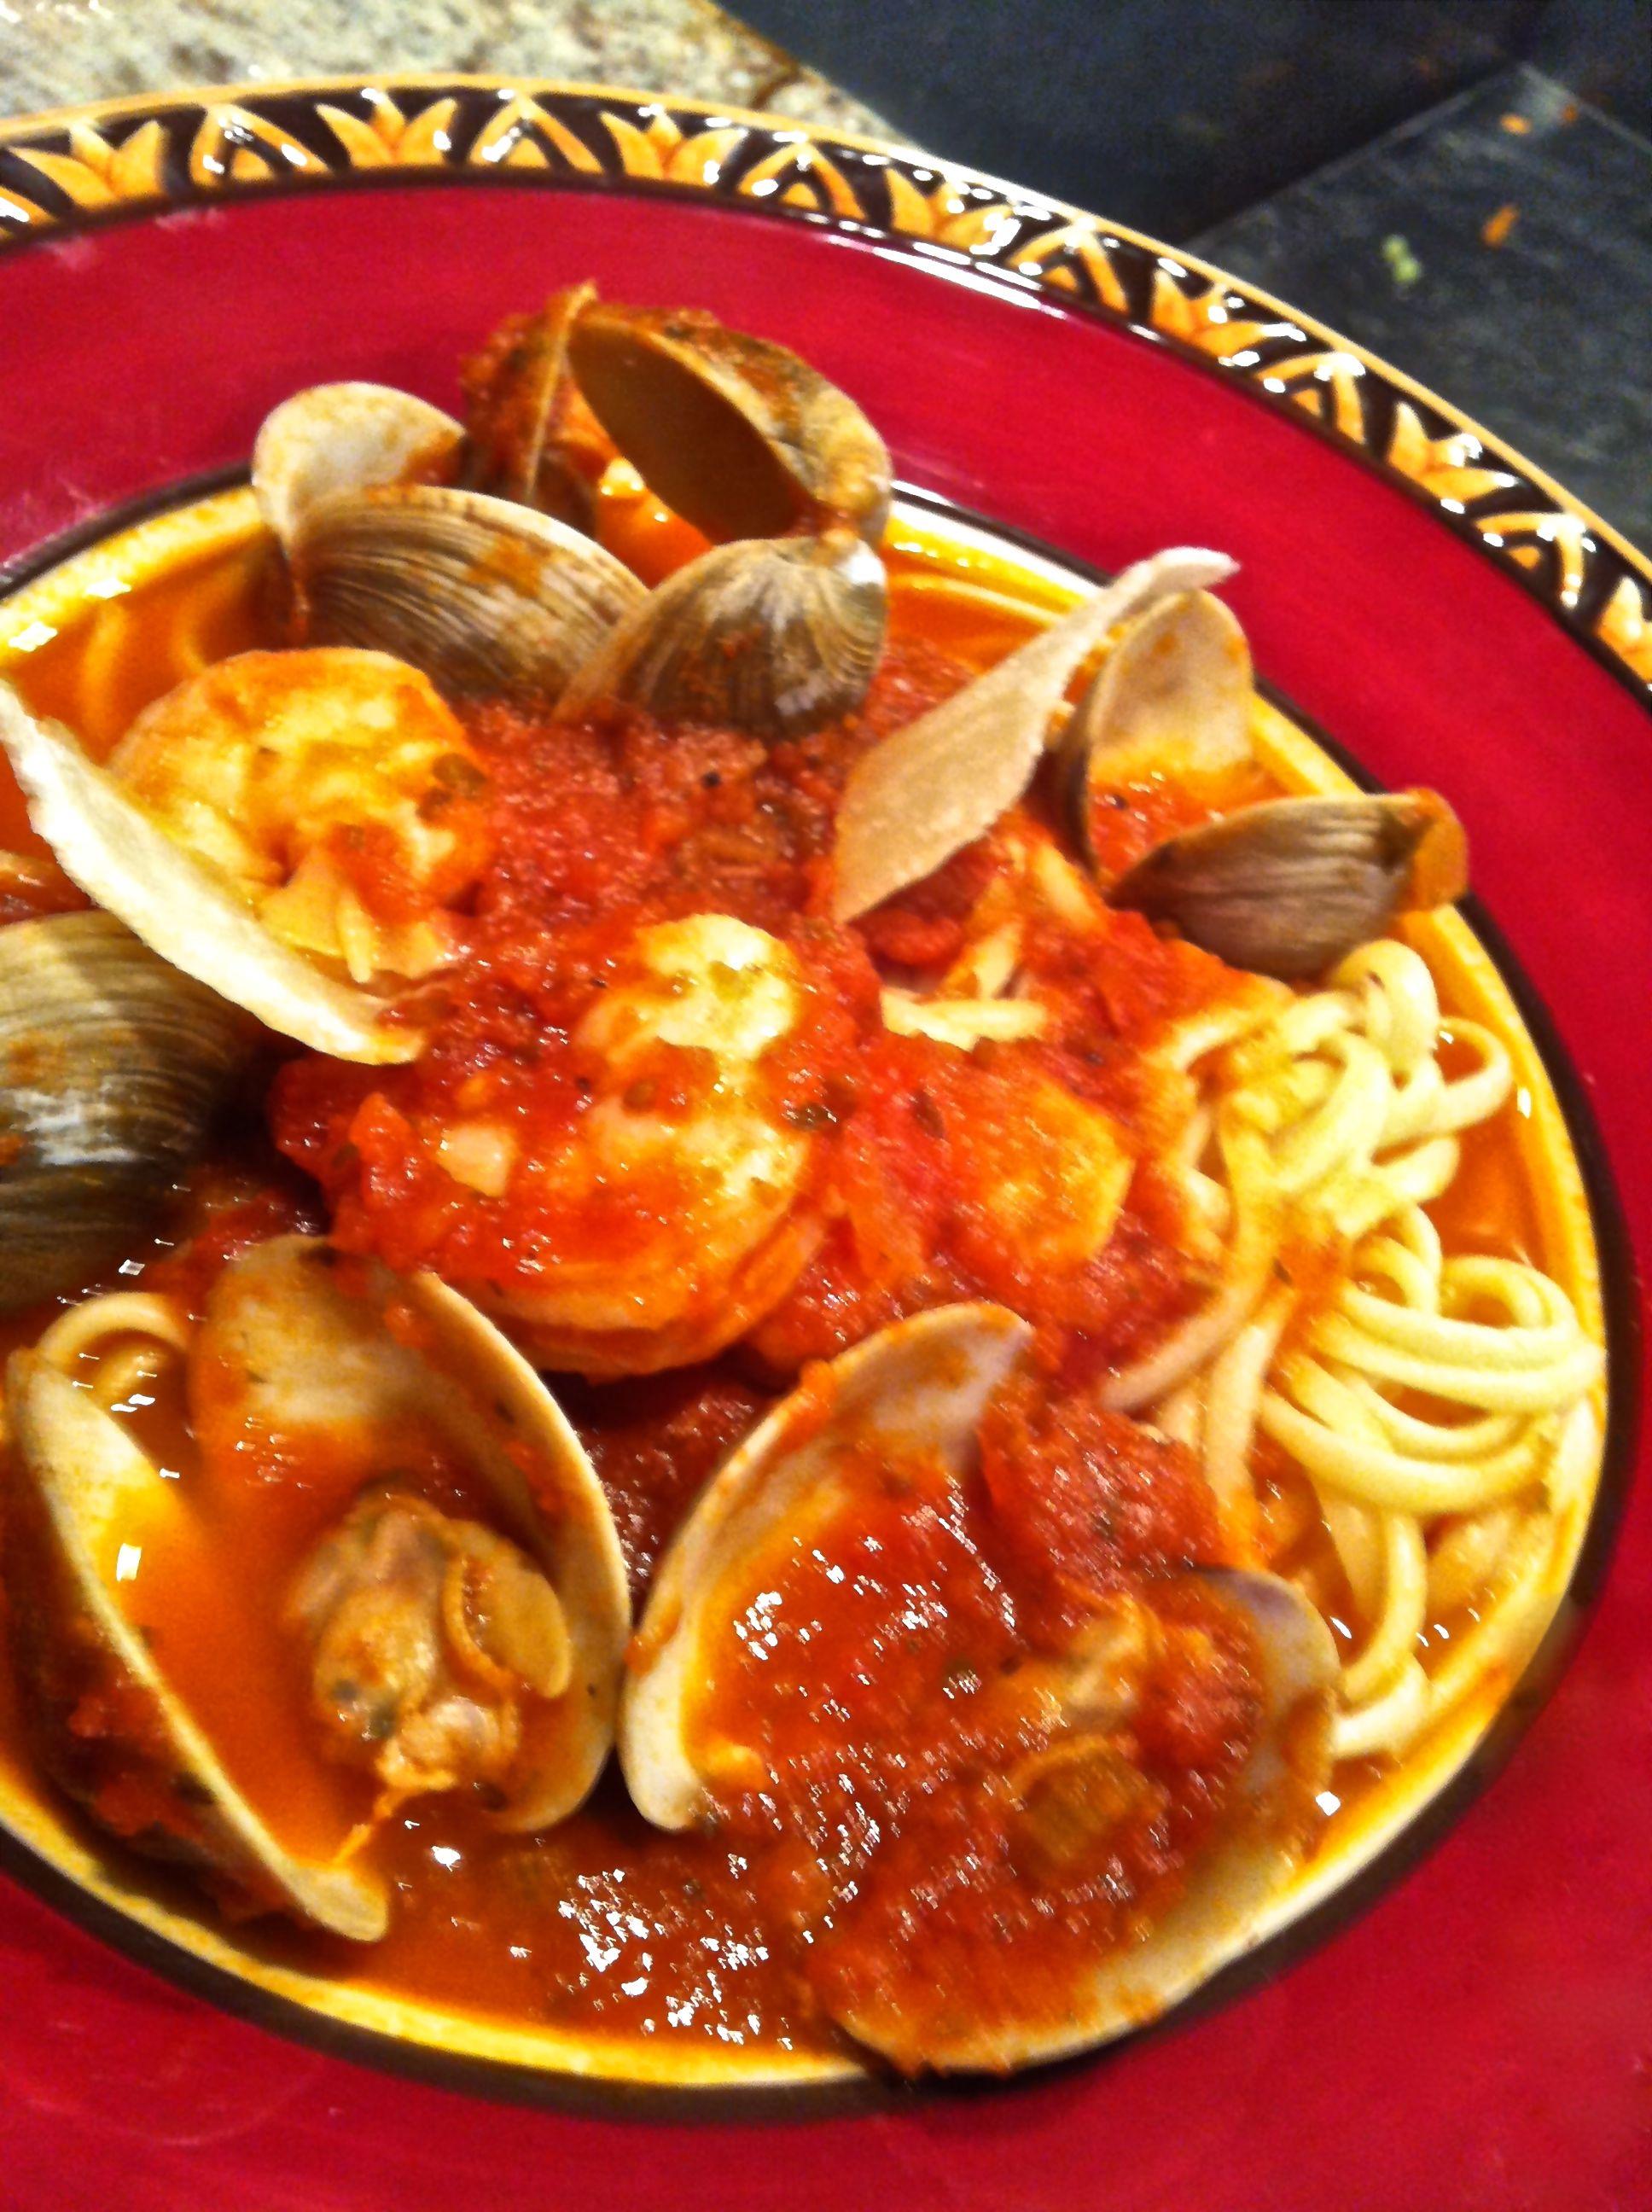 Almejas Con Chile Y Tomate, a.k.a., Fettucine Vongole Fra Diavolo